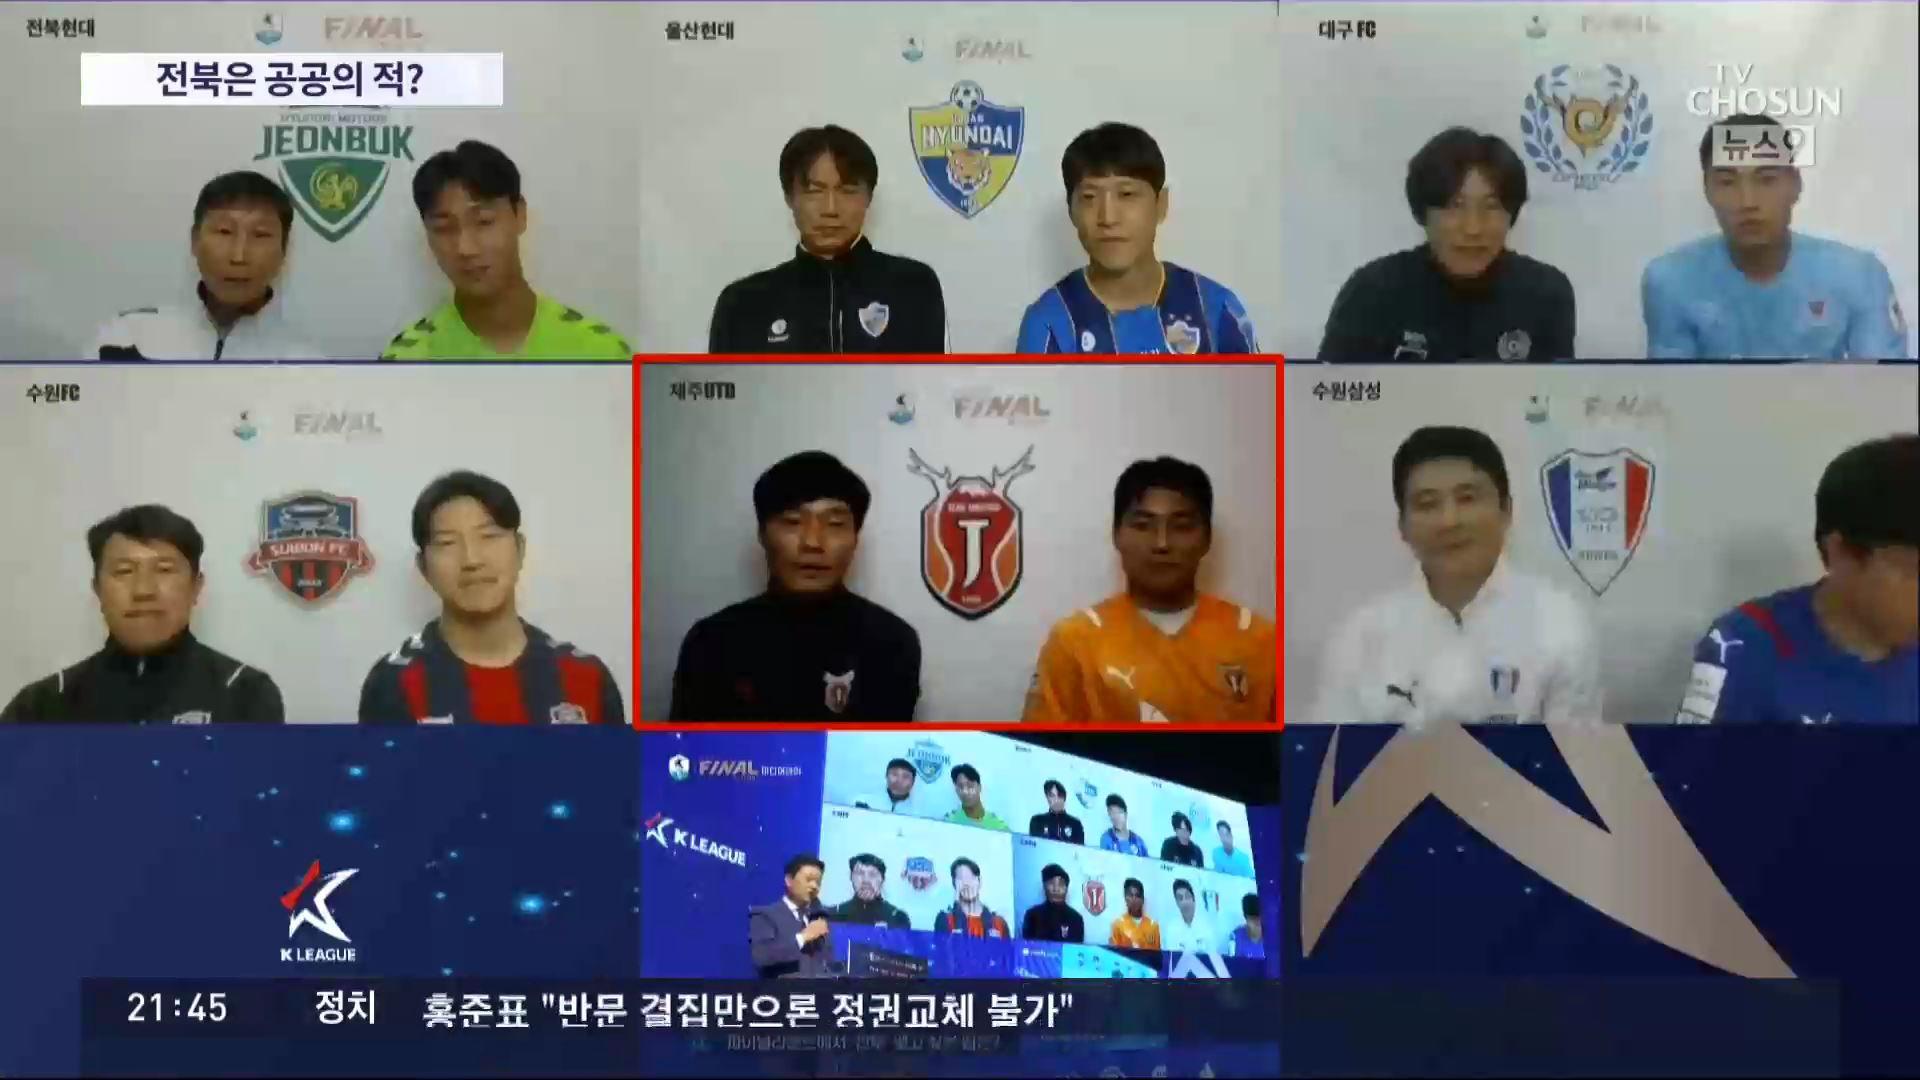 '타도 전북' vs '우승은 아무나 하나'…치열한 입담 대결